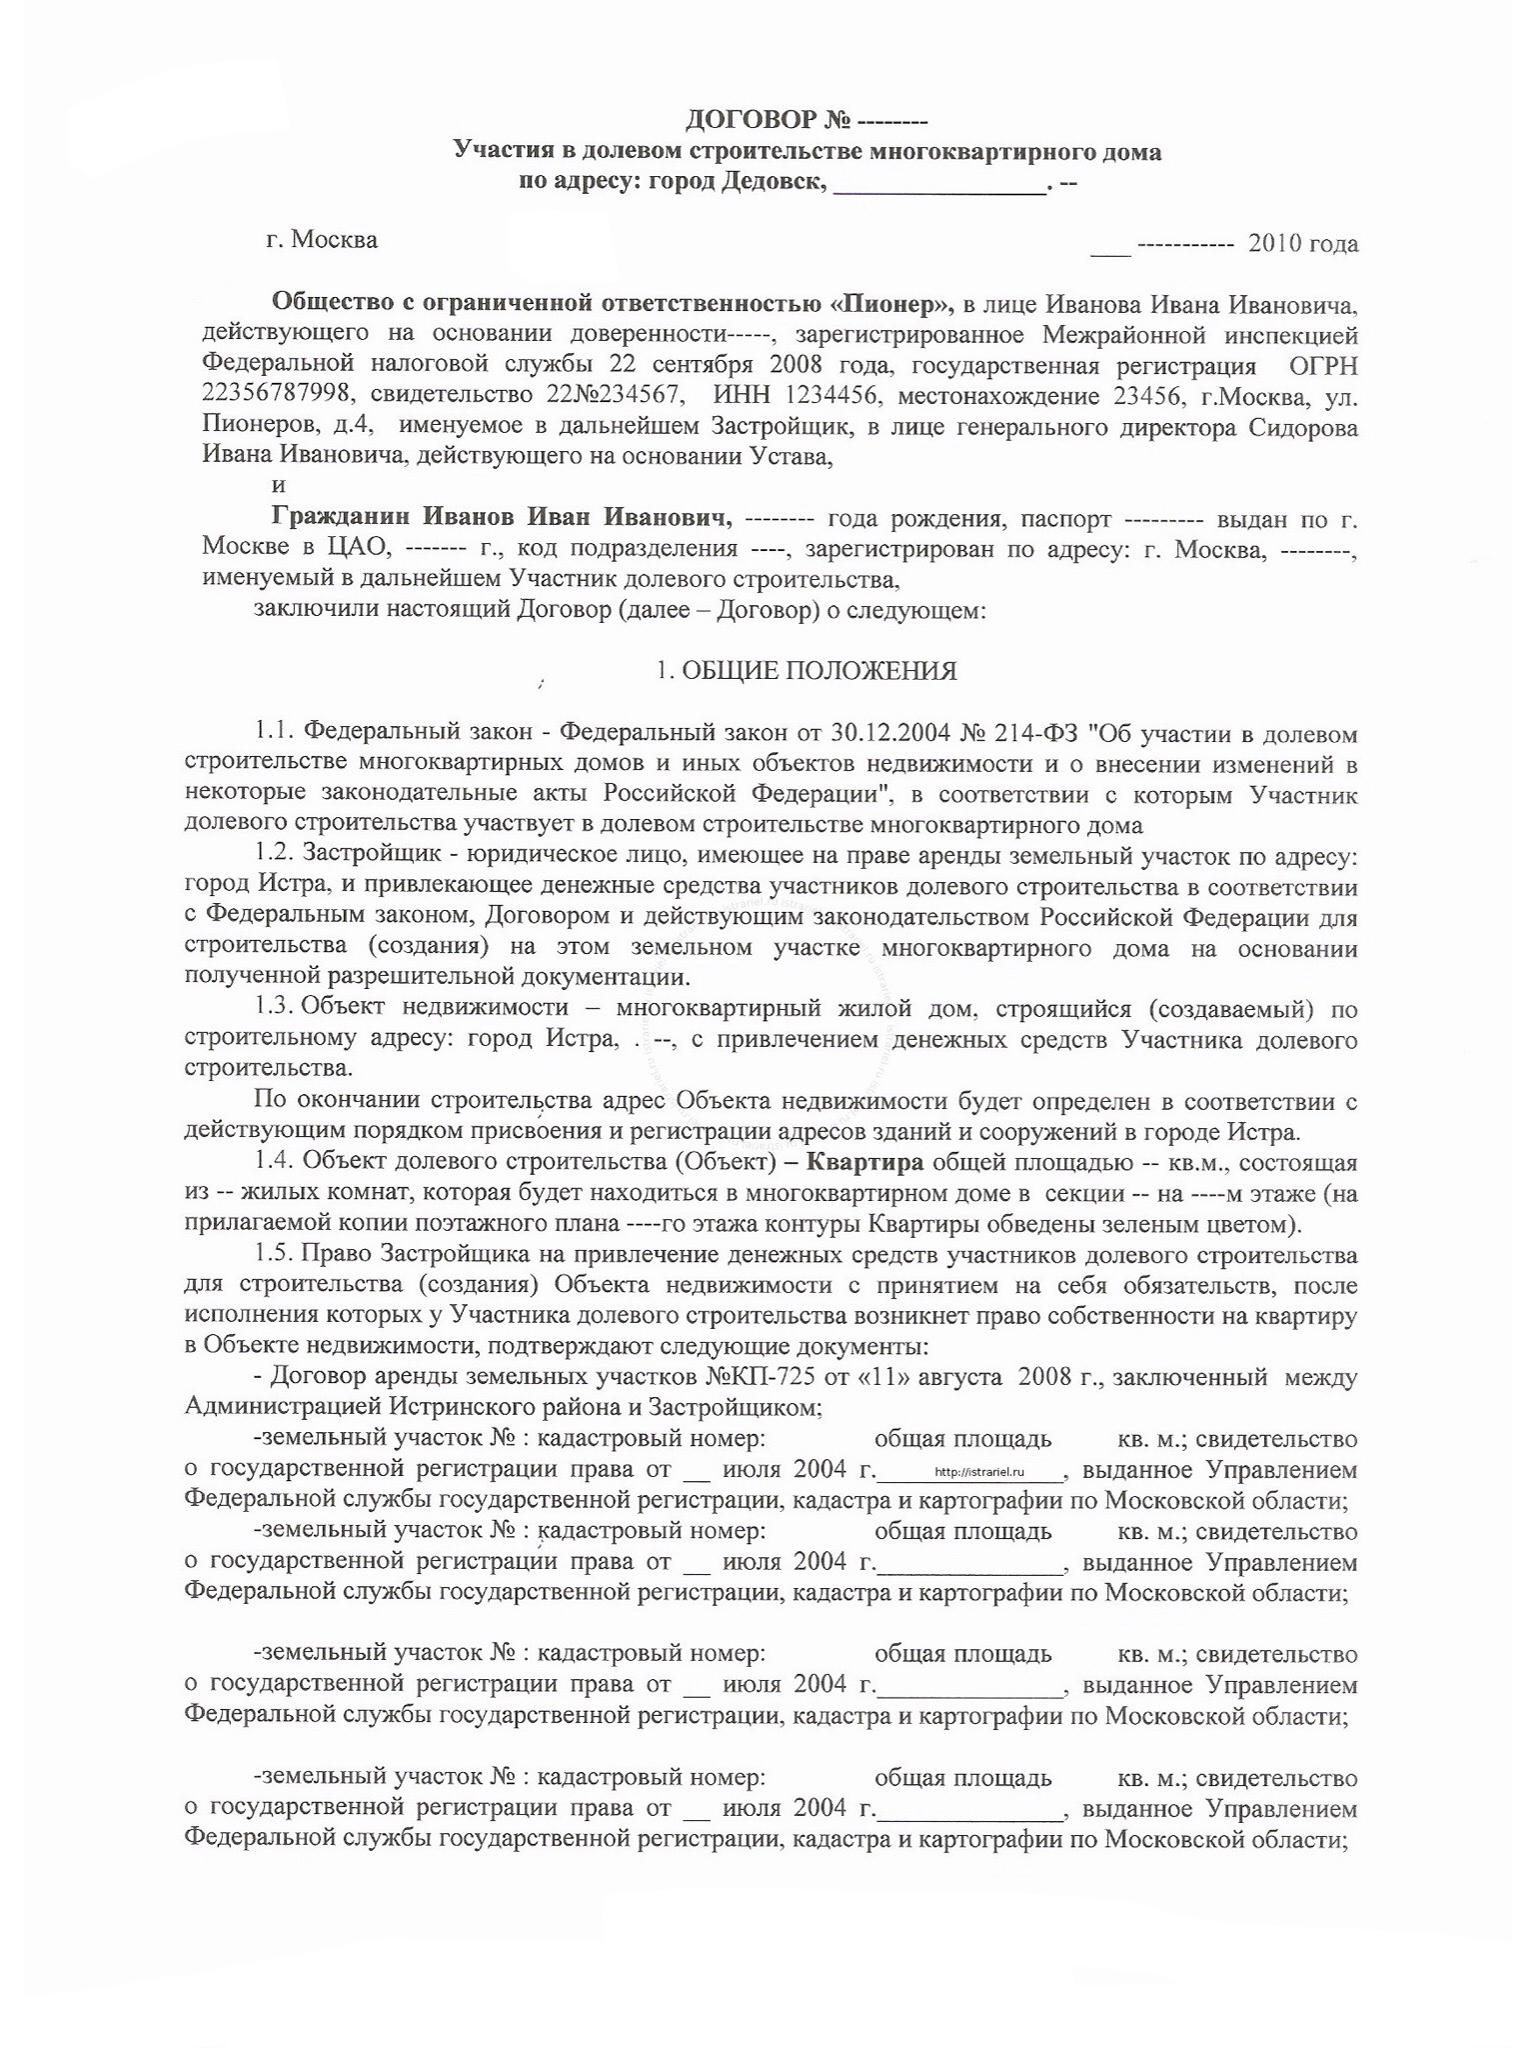 Договор долевого участия, ДДУ